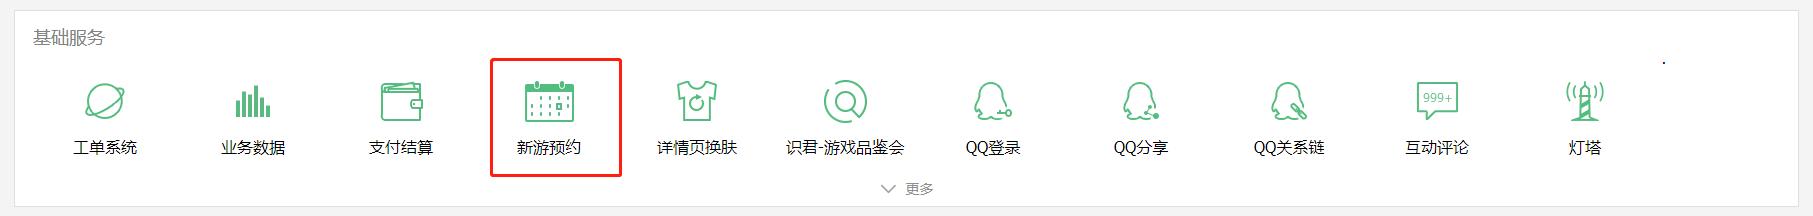 chuangjiandanjiyouxi-17.png